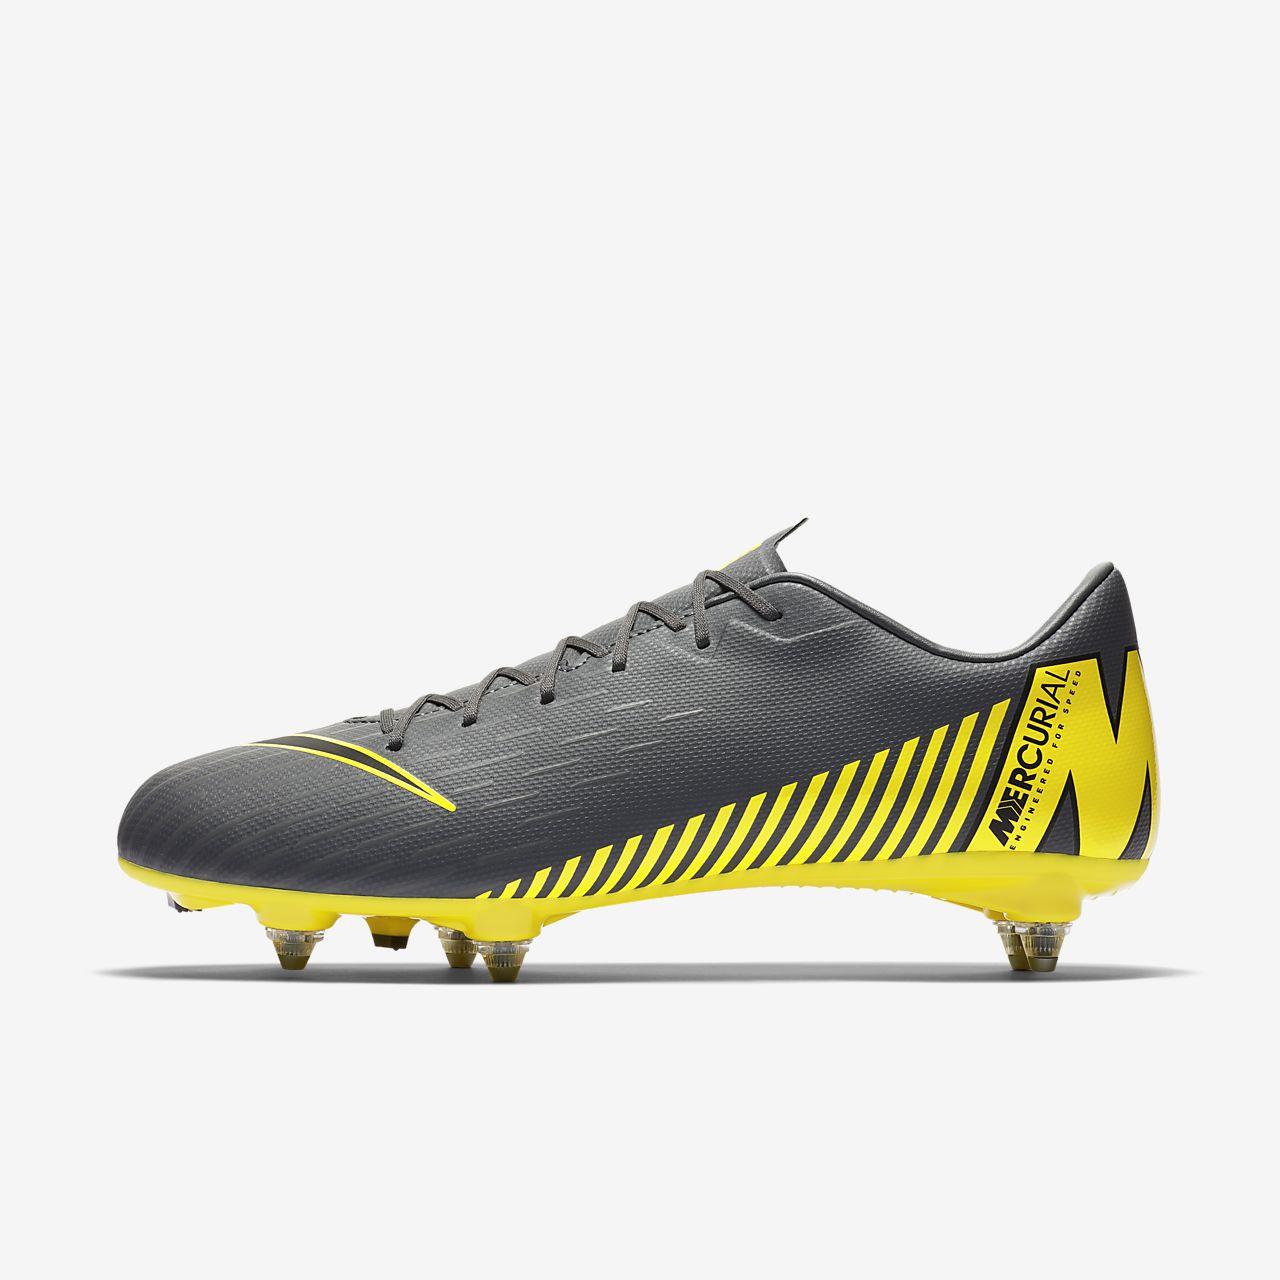 e2da96c28f066 ... Calzado de fútbol para terreno blando Nike Mercurial Vapor XII Academy  SG-PRO